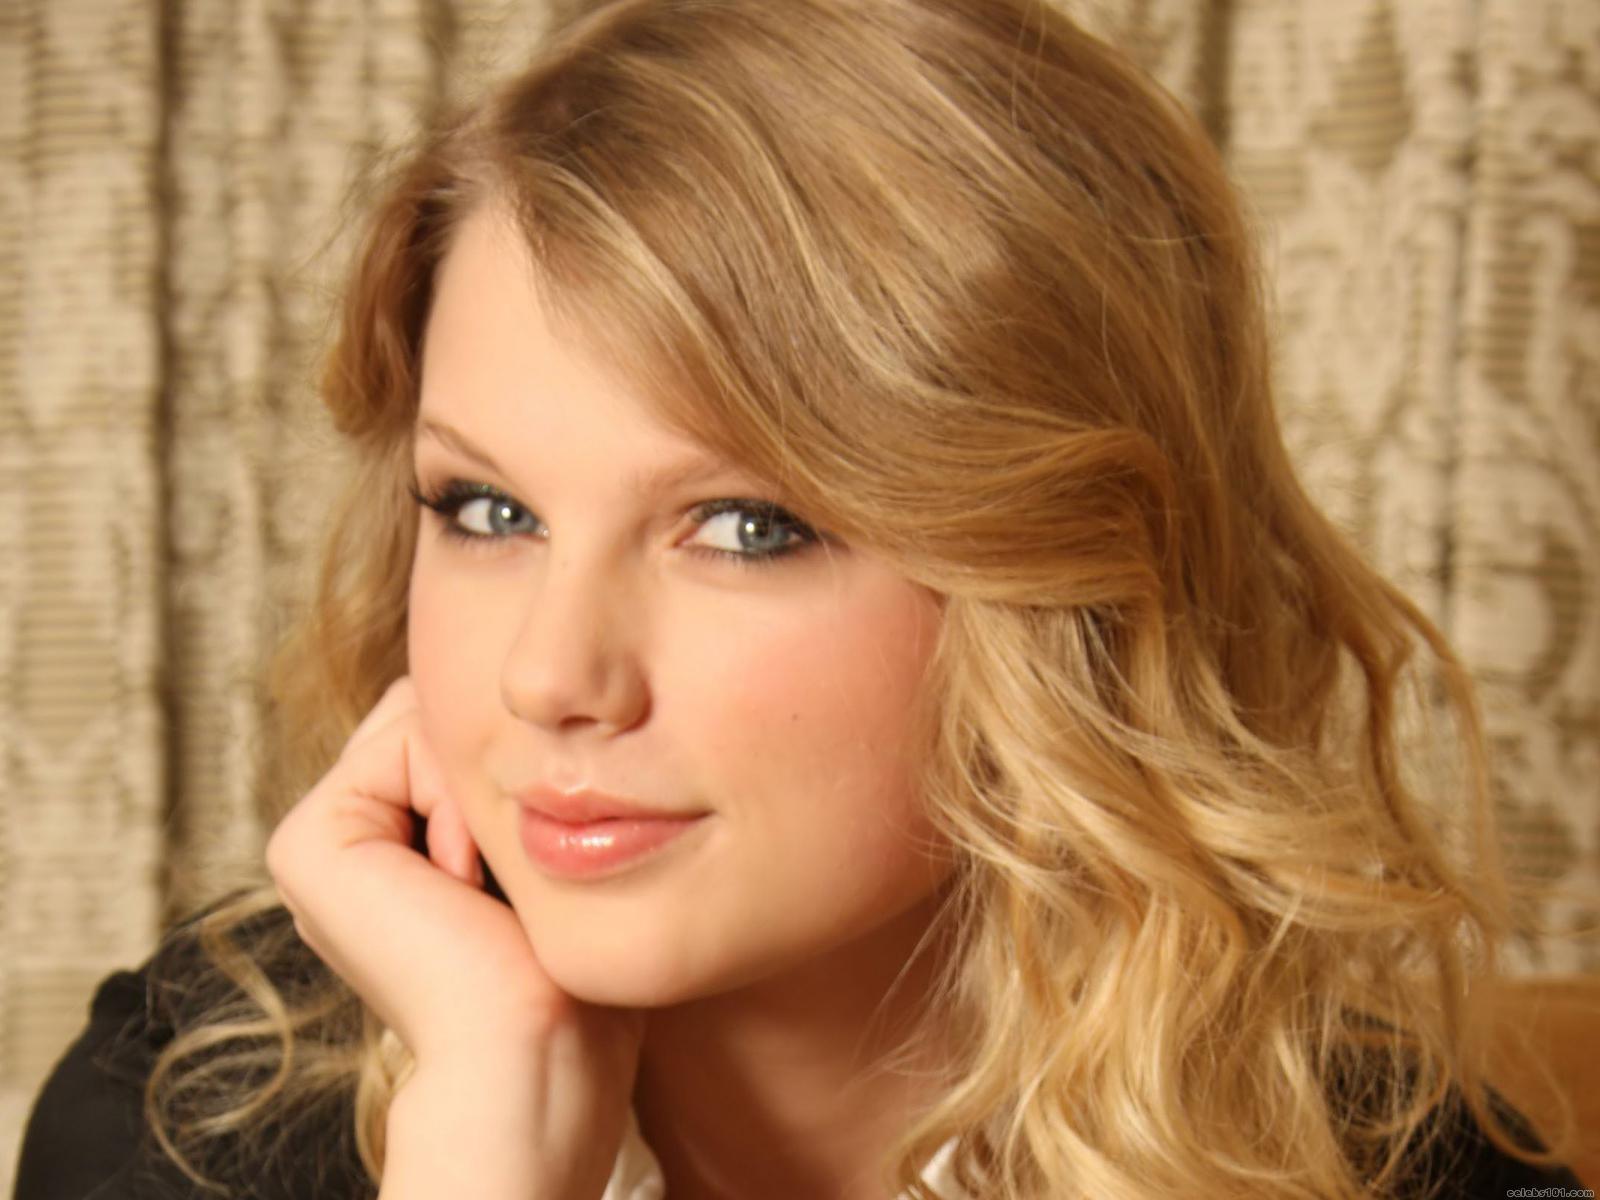 http://2.bp.blogspot.com/-0YymURm_eEU/TbMkR_lpY5I/AAAAAAAAAC4/8wUyHNVosOo/s1600/Taylor_Swift.jpg